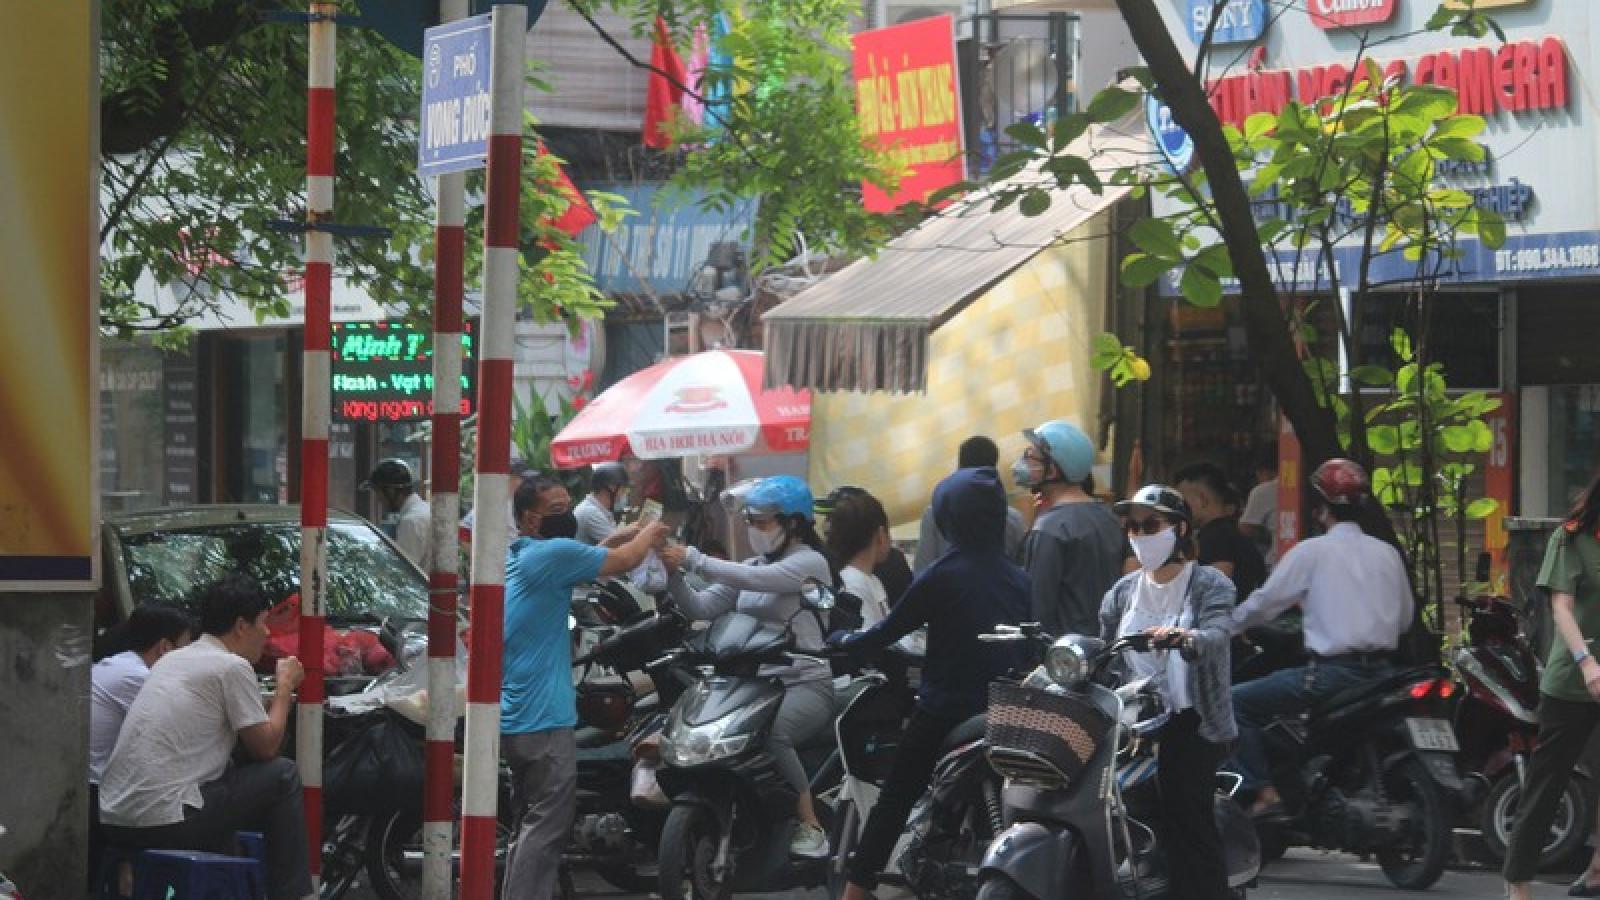 Ảnh: Hàng quán, ô tô đua nhau lấn chiếm vỉa hè ở Hà Nội